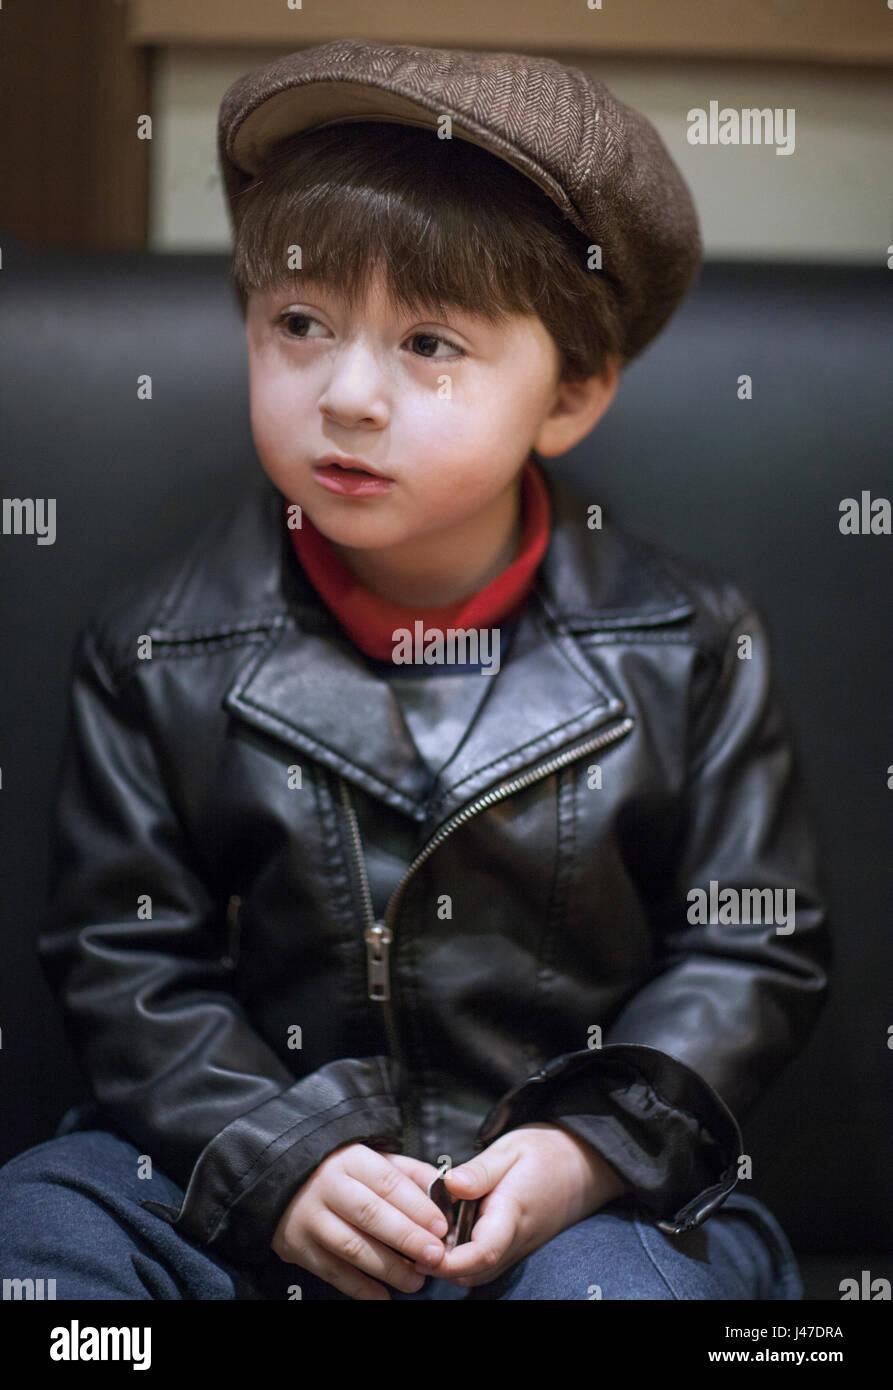 Po  di razza mista asian caucasian boy con capelli castani indossando una  pelle nera rockabilly motocicletta giacca marrone con newsboy cap ce37205dc03f